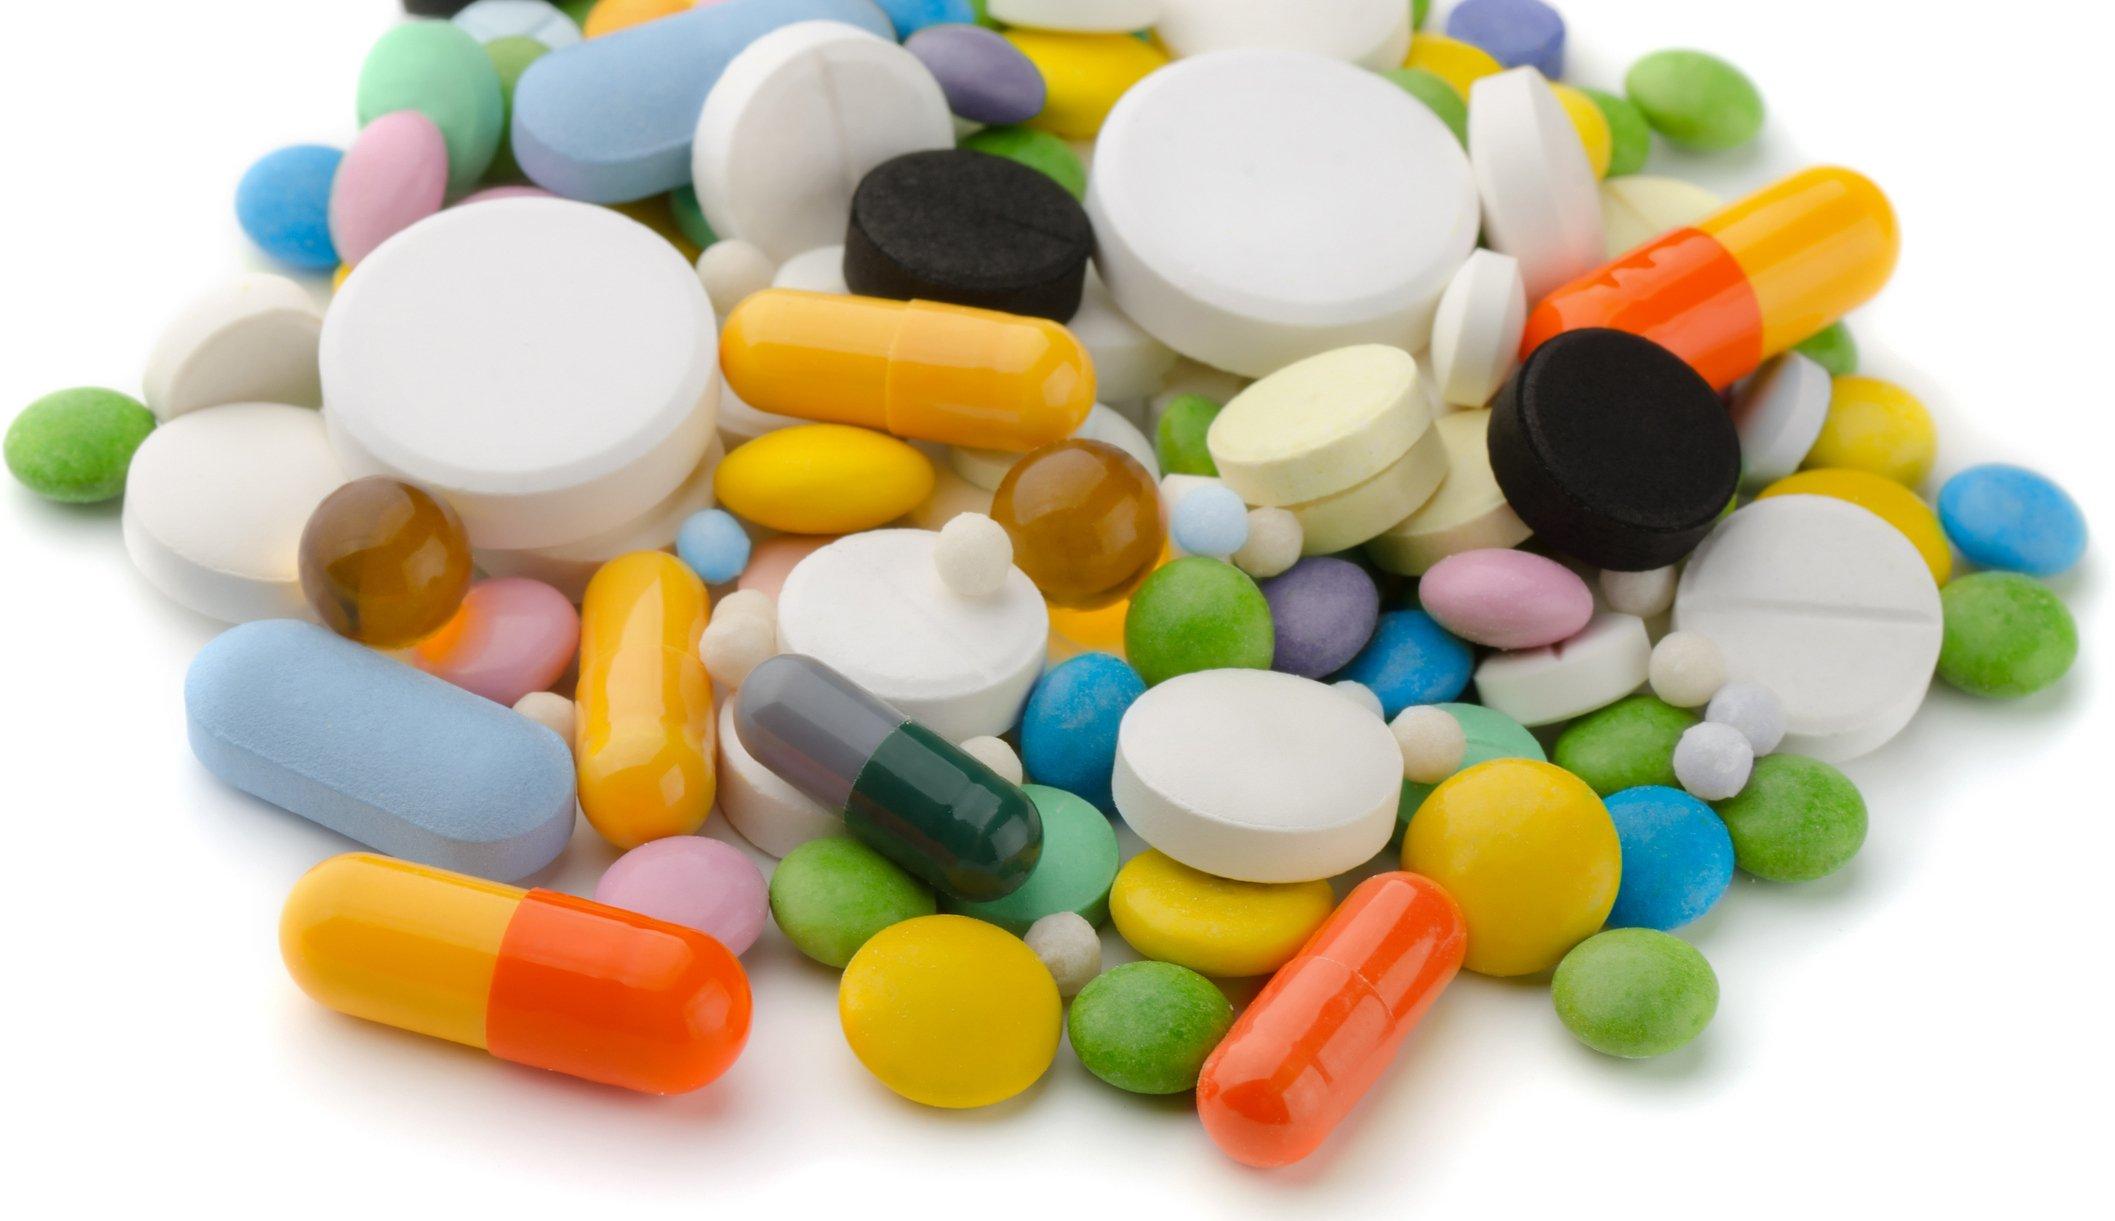 С начала года в области выписано 250 тысяч рецептов по программе «Доступные лекарства»